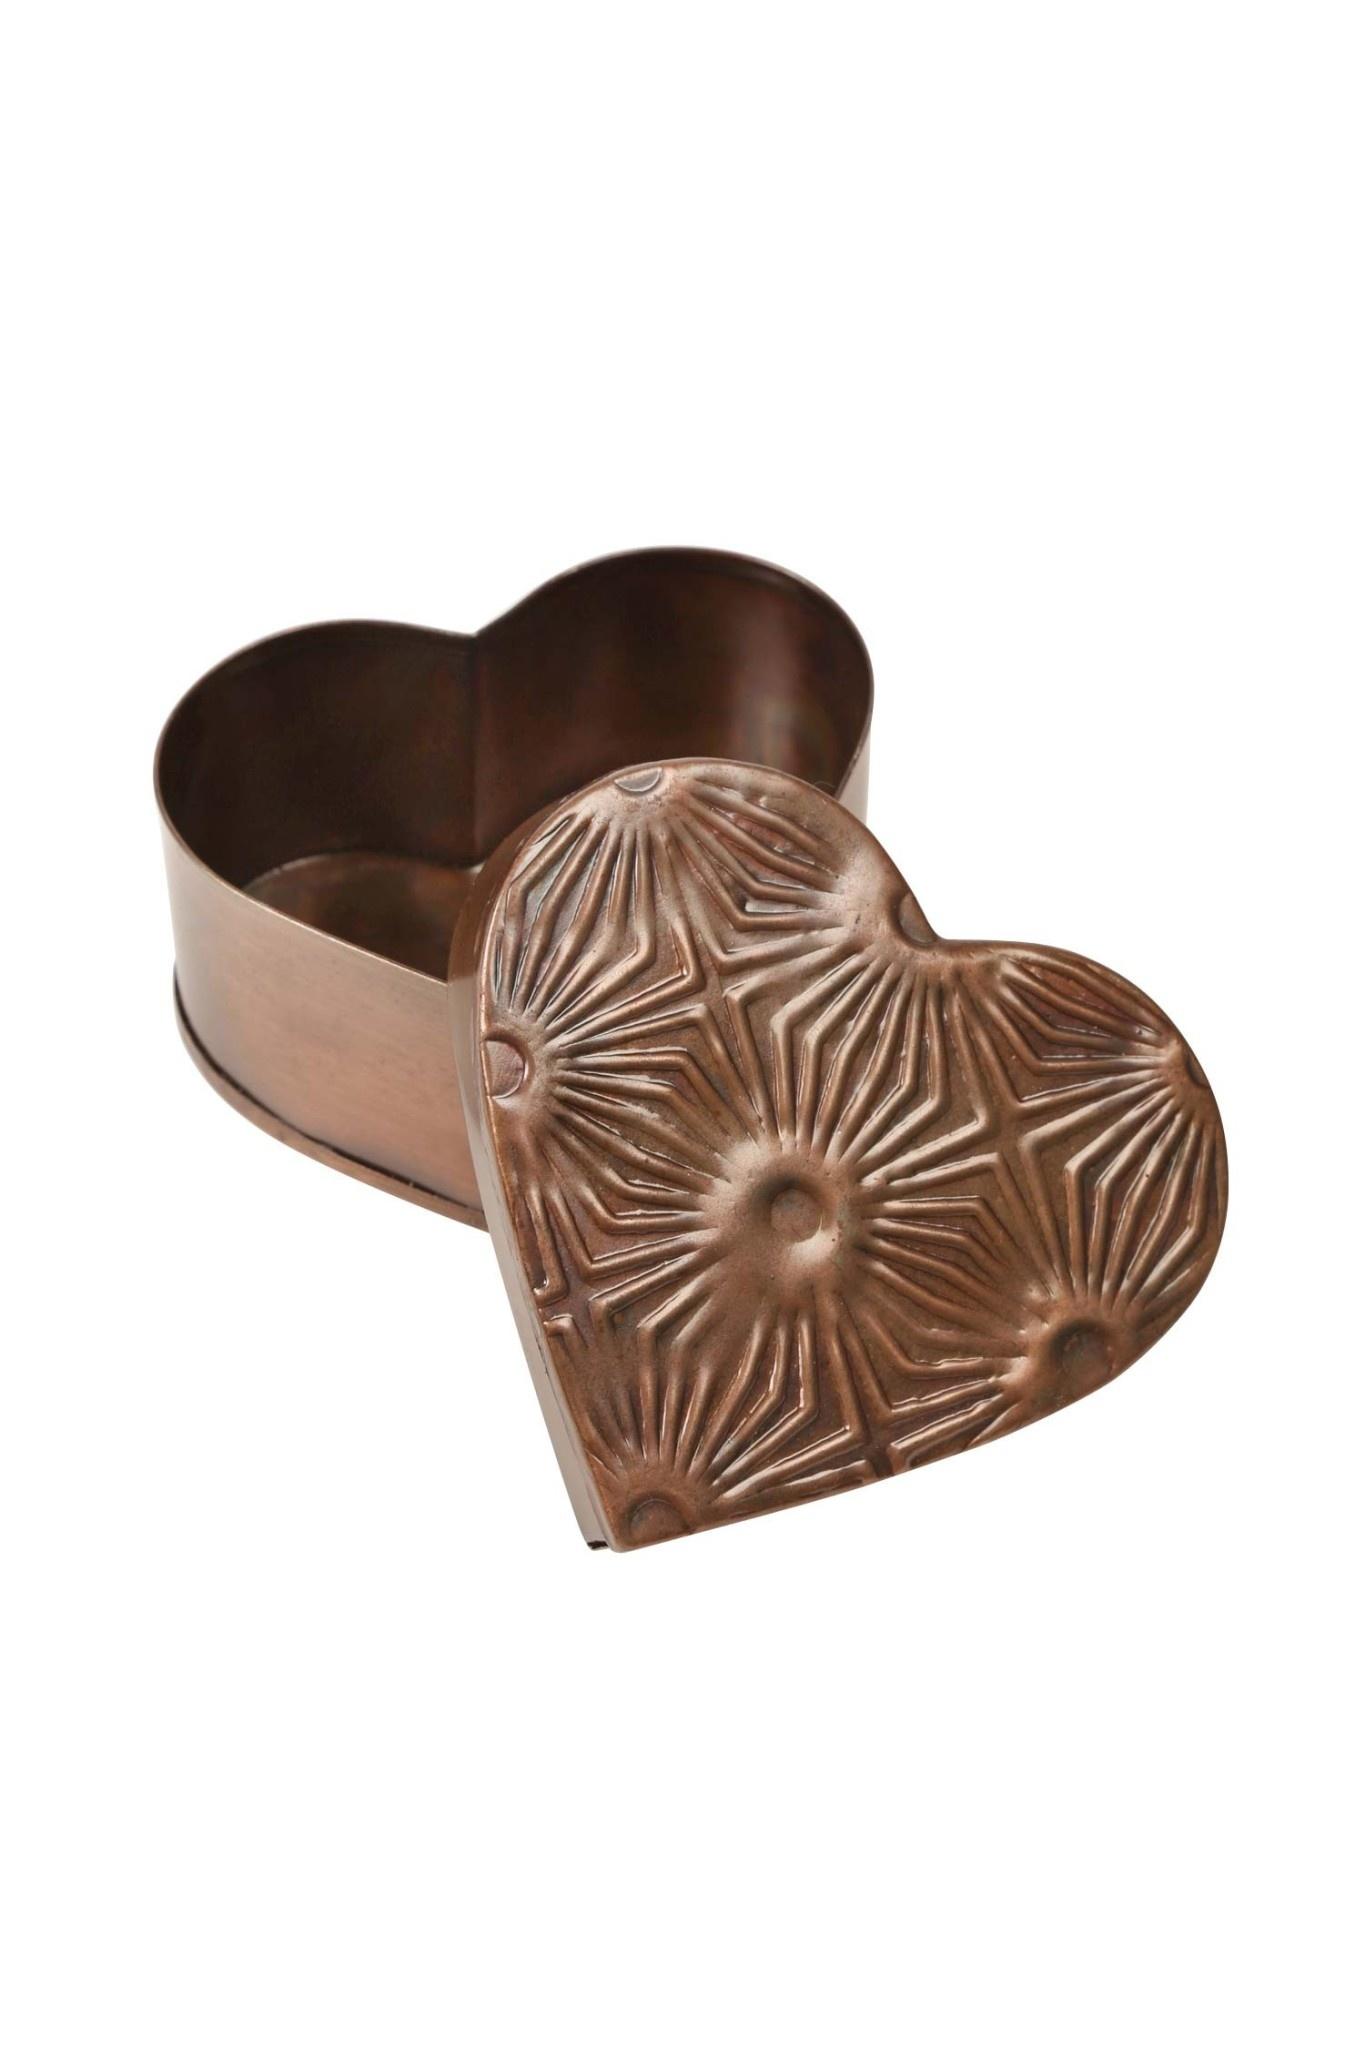 Metal Heart Box - Geometric